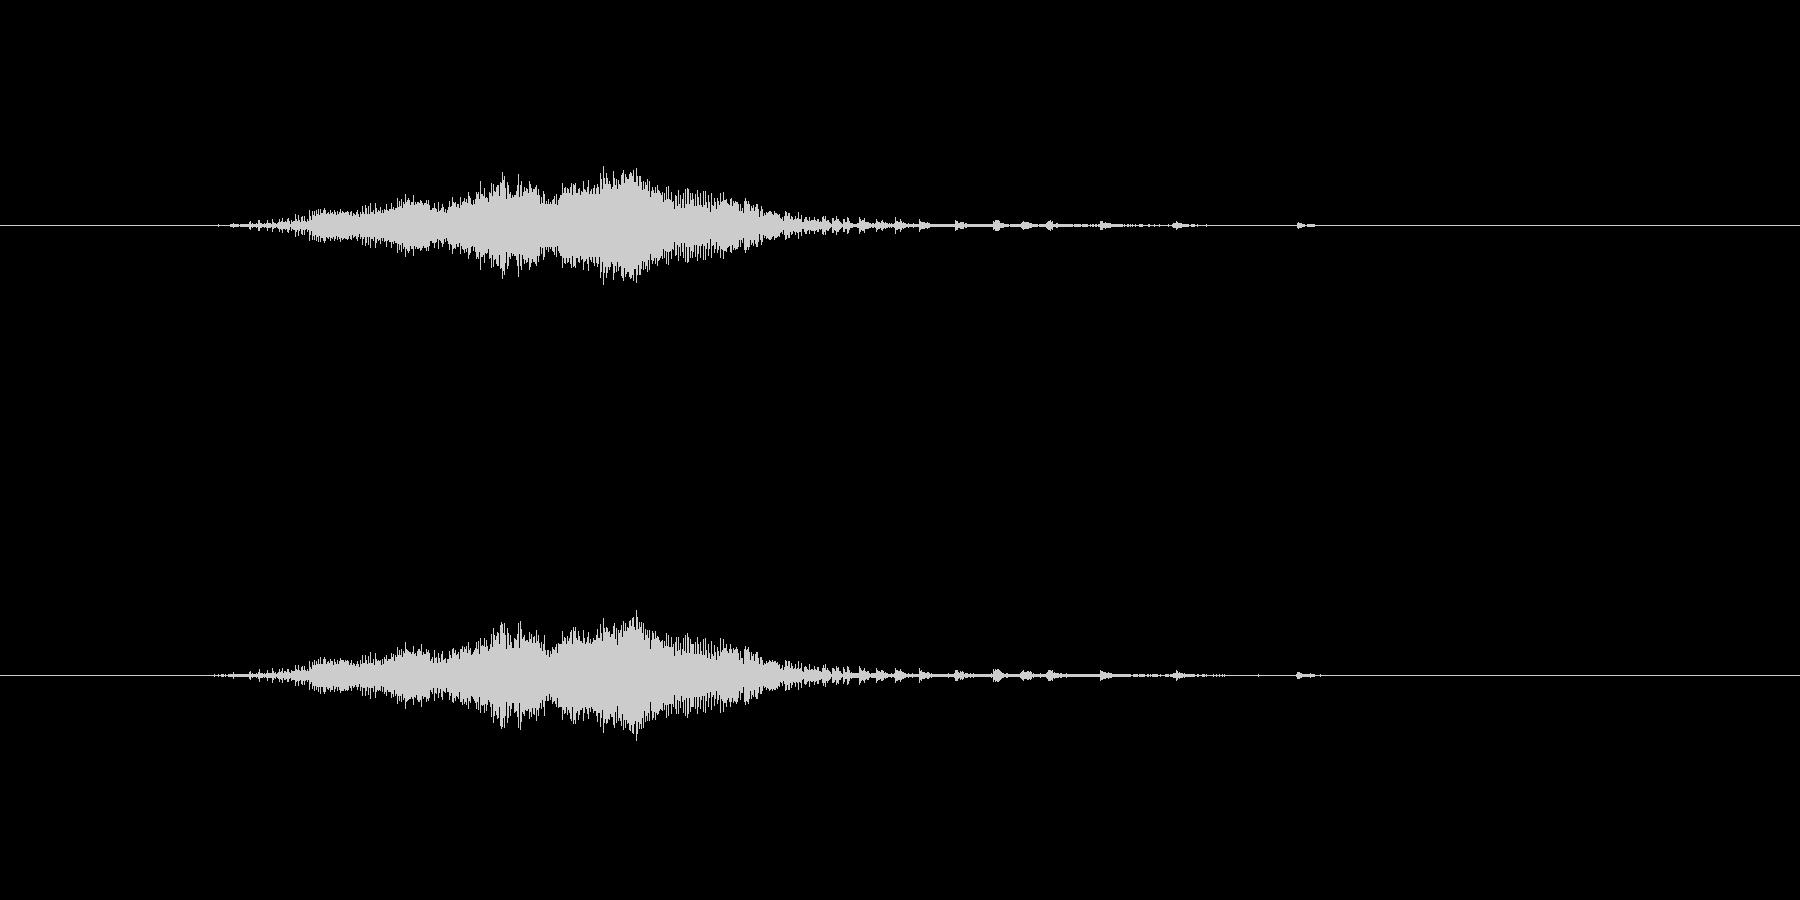 目が細かいジャンパーのファスナーの音の未再生の波形